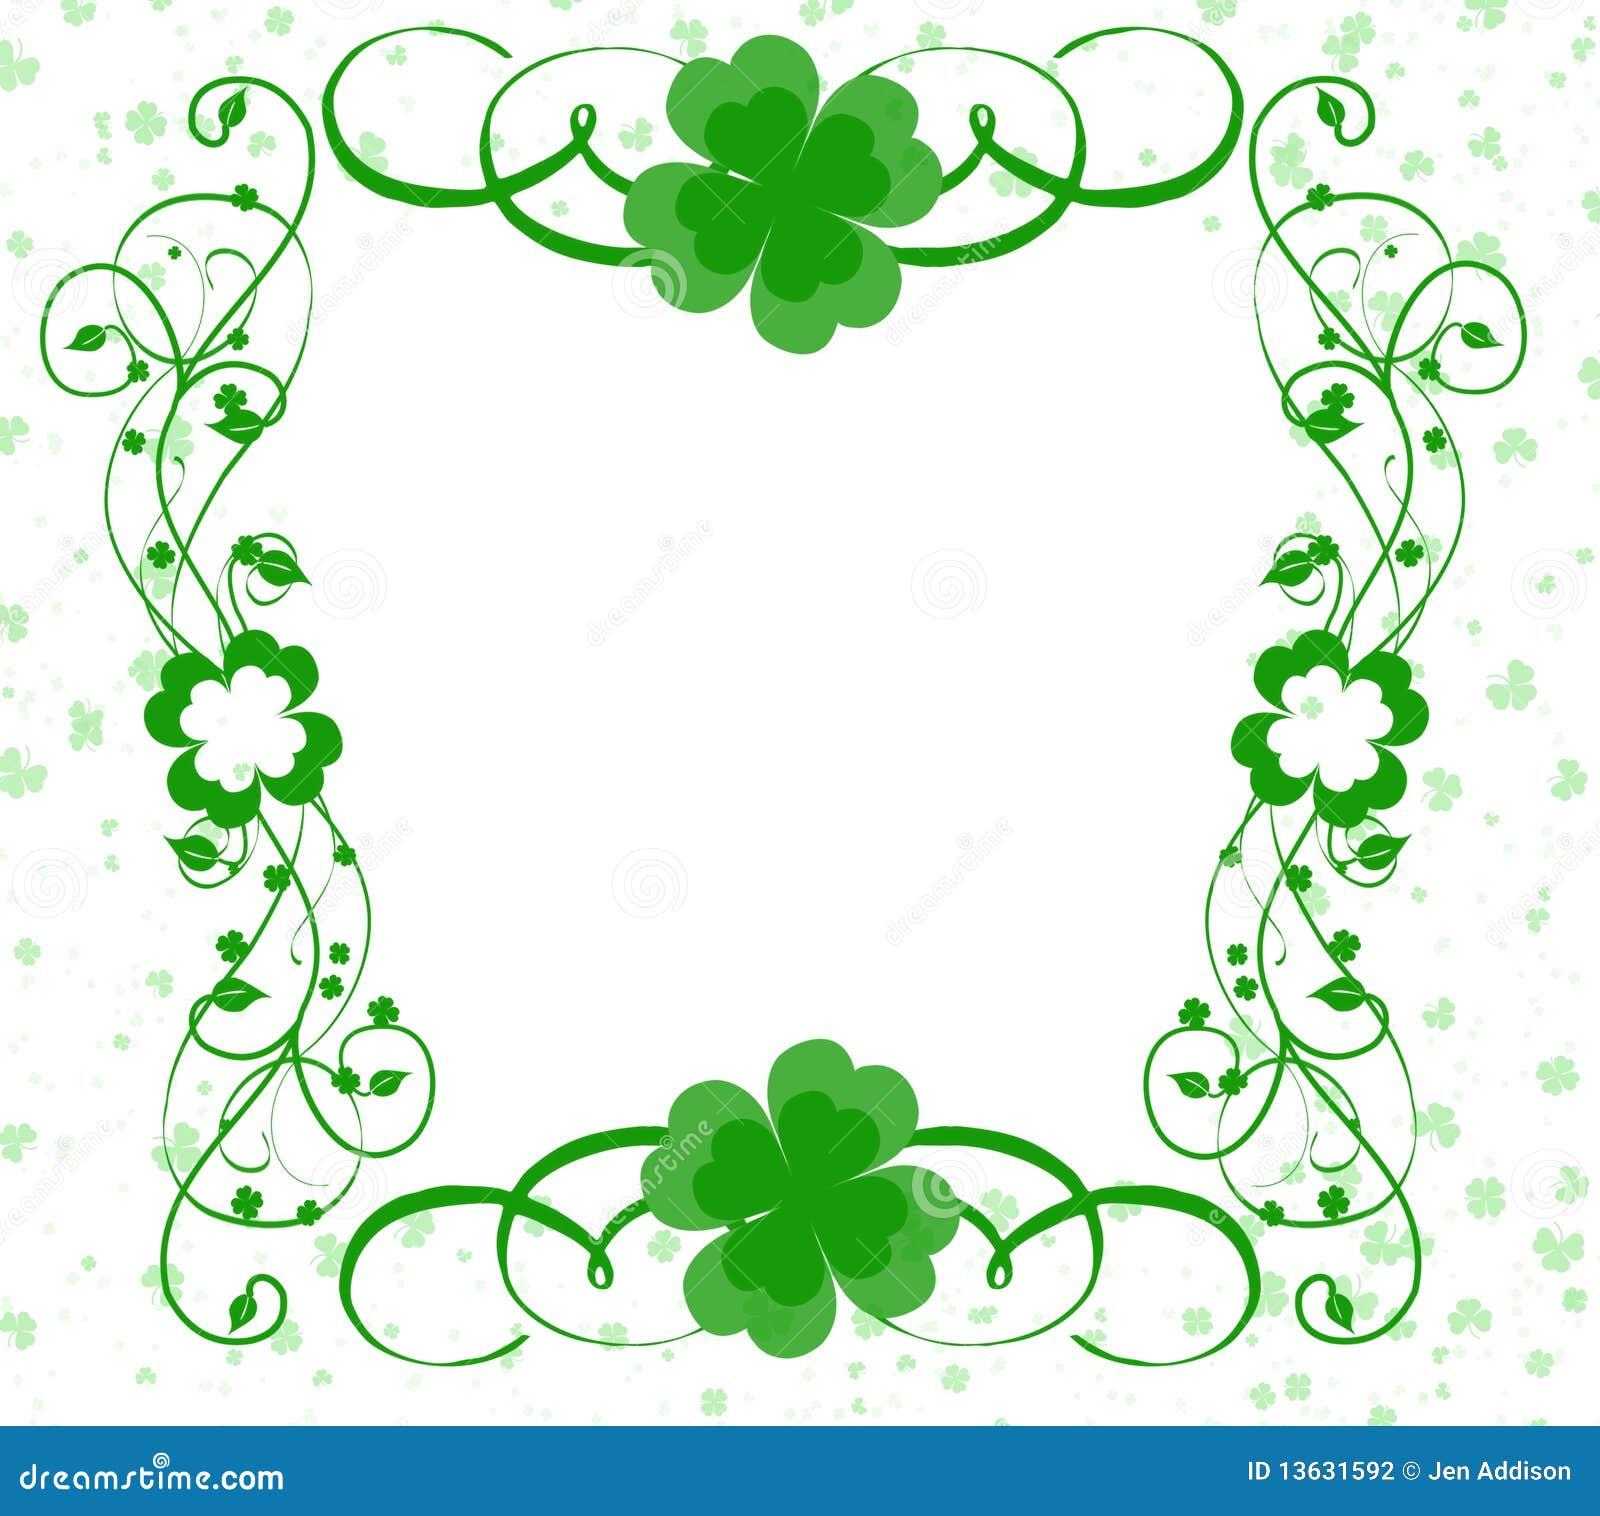 Real 4 leaf clover wallpaper